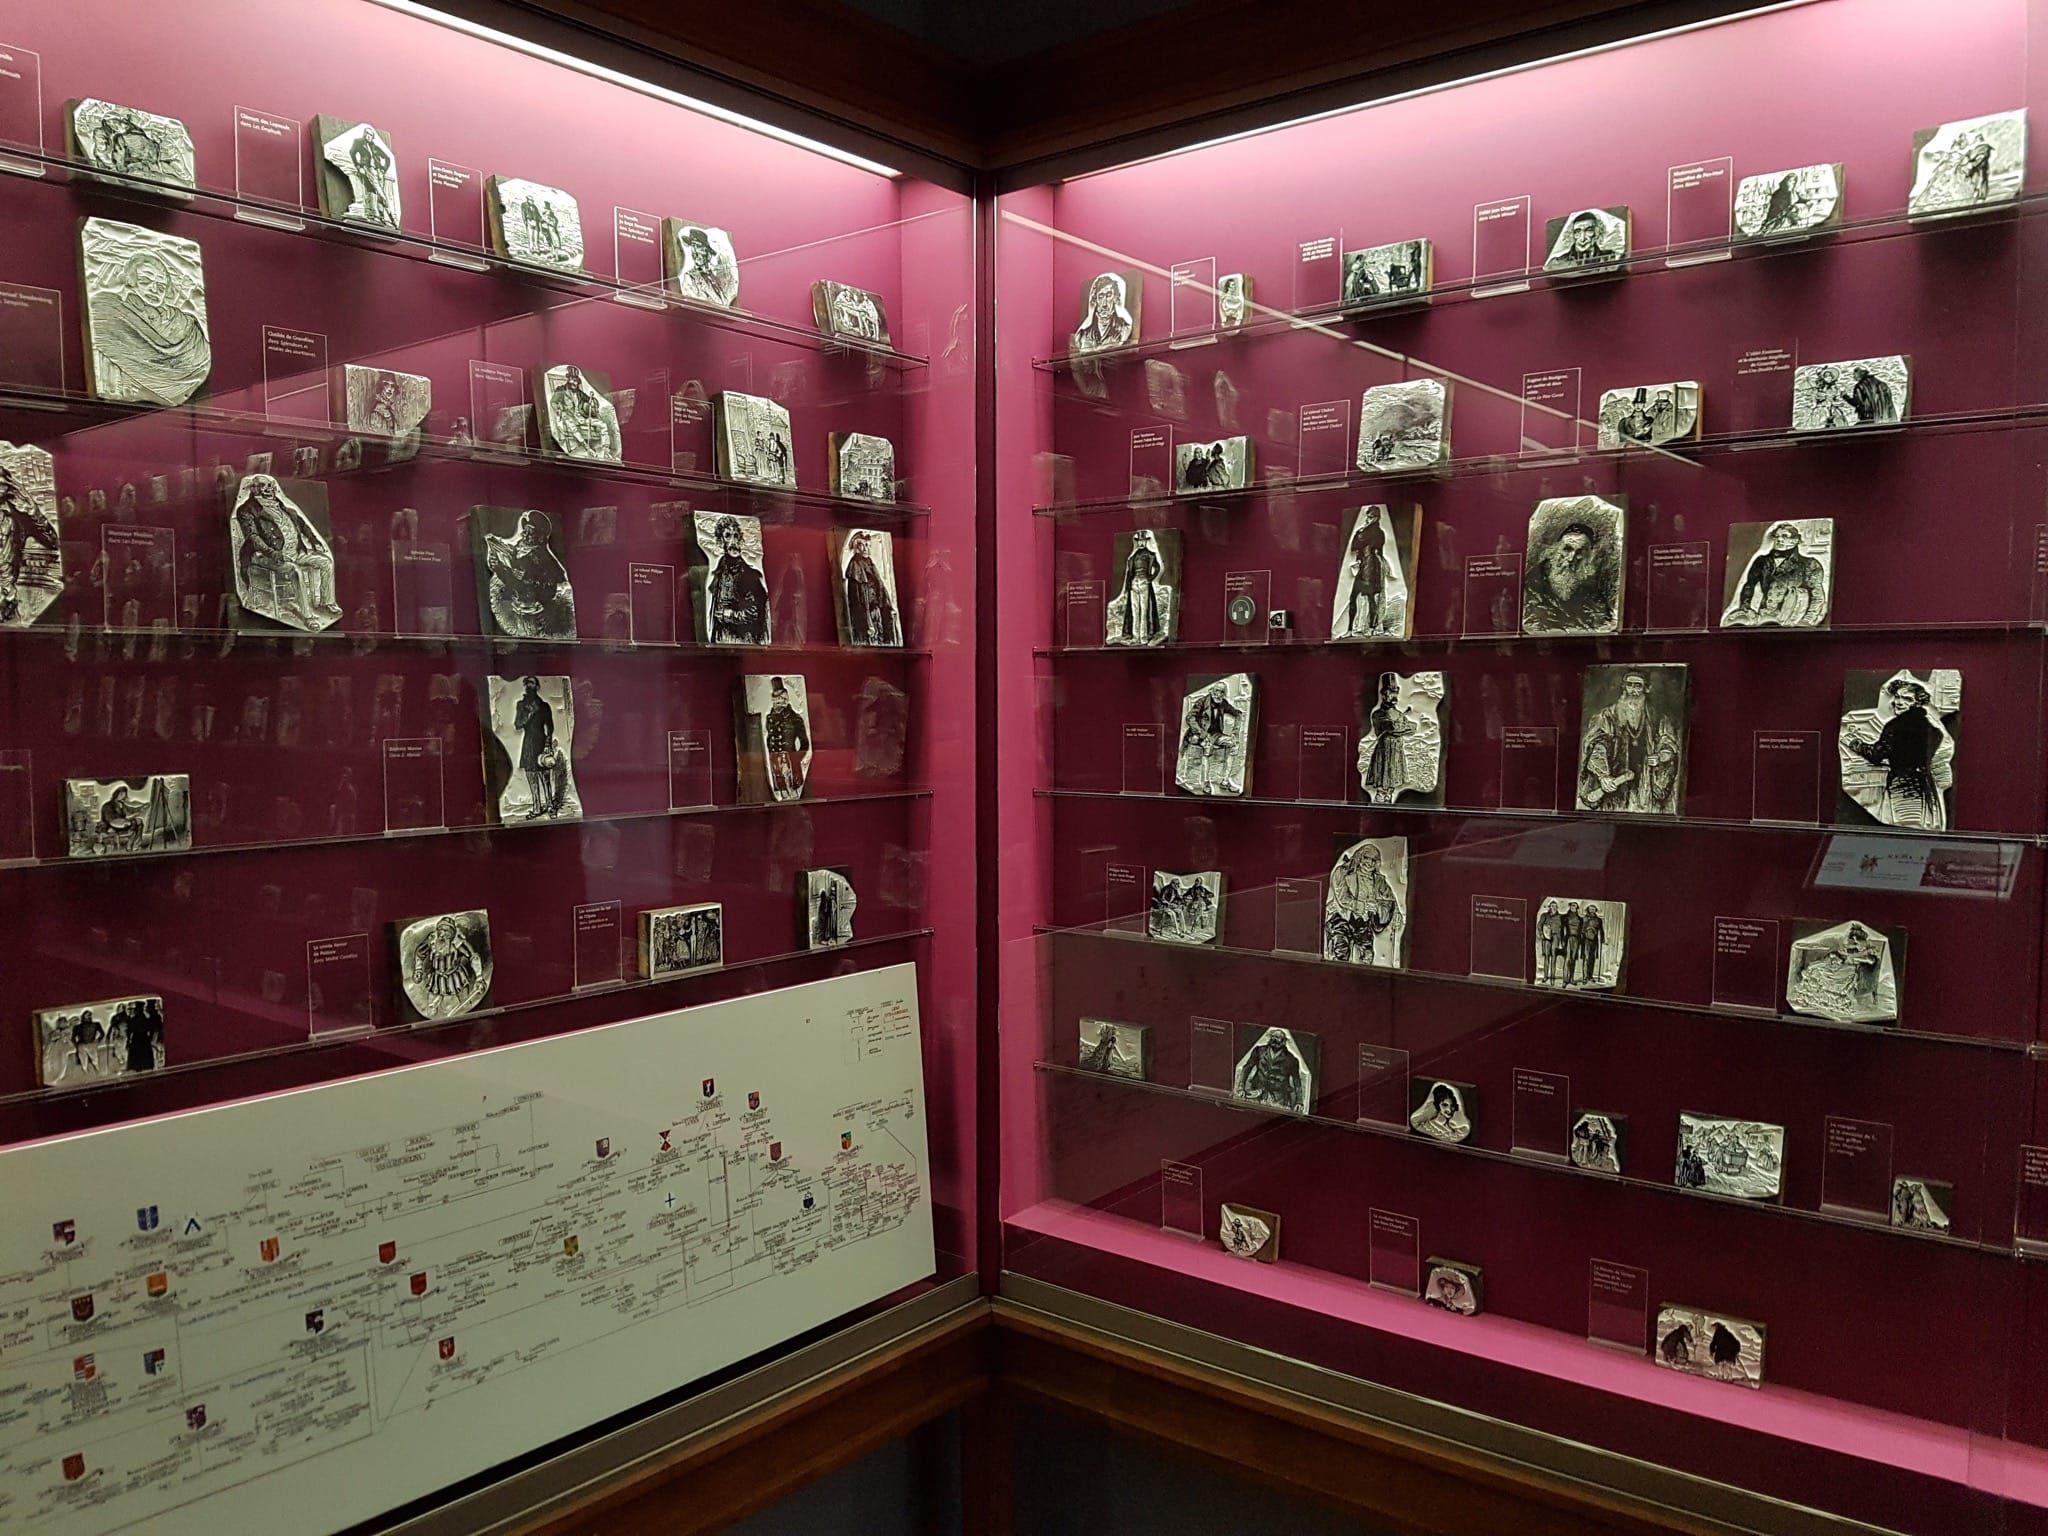 La Maison de Balzac fait peau neuve : nouveaux aménagements et nouvelle exposition 1 image